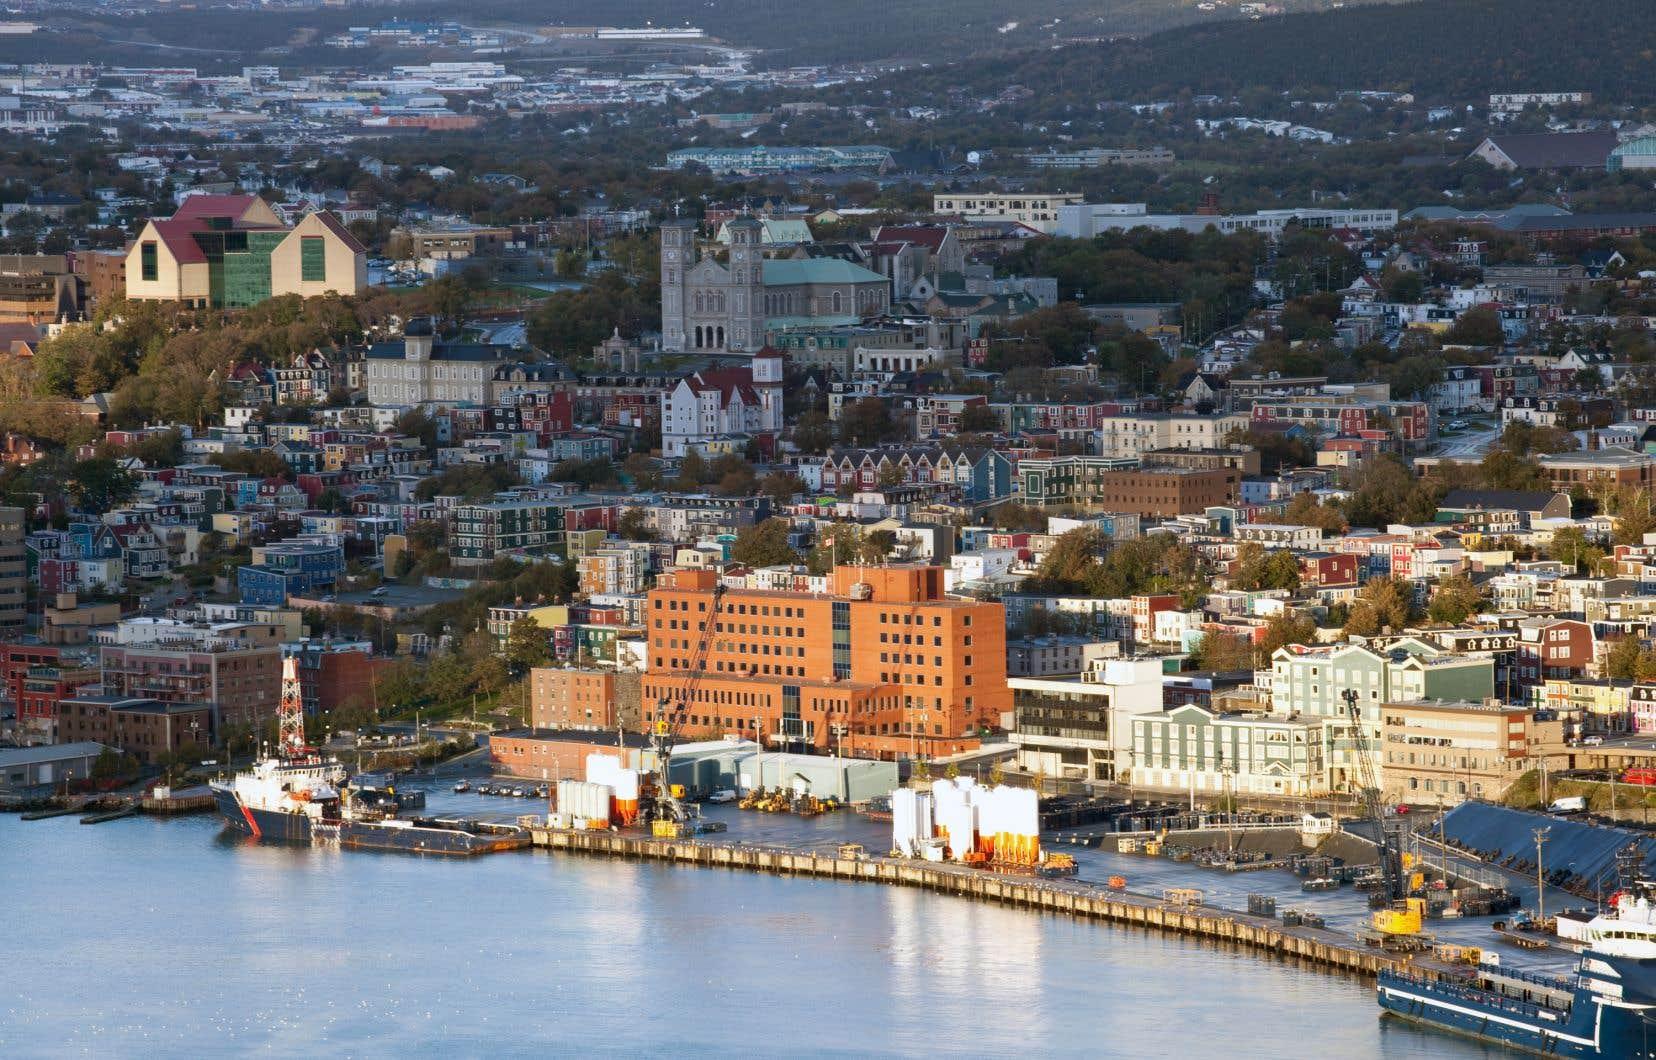 Le ville de Saint-Jean de Terre-Neuve. Un tunnel qui relierait le Labrador à l'île de Terre-Neuve est à l'étude.